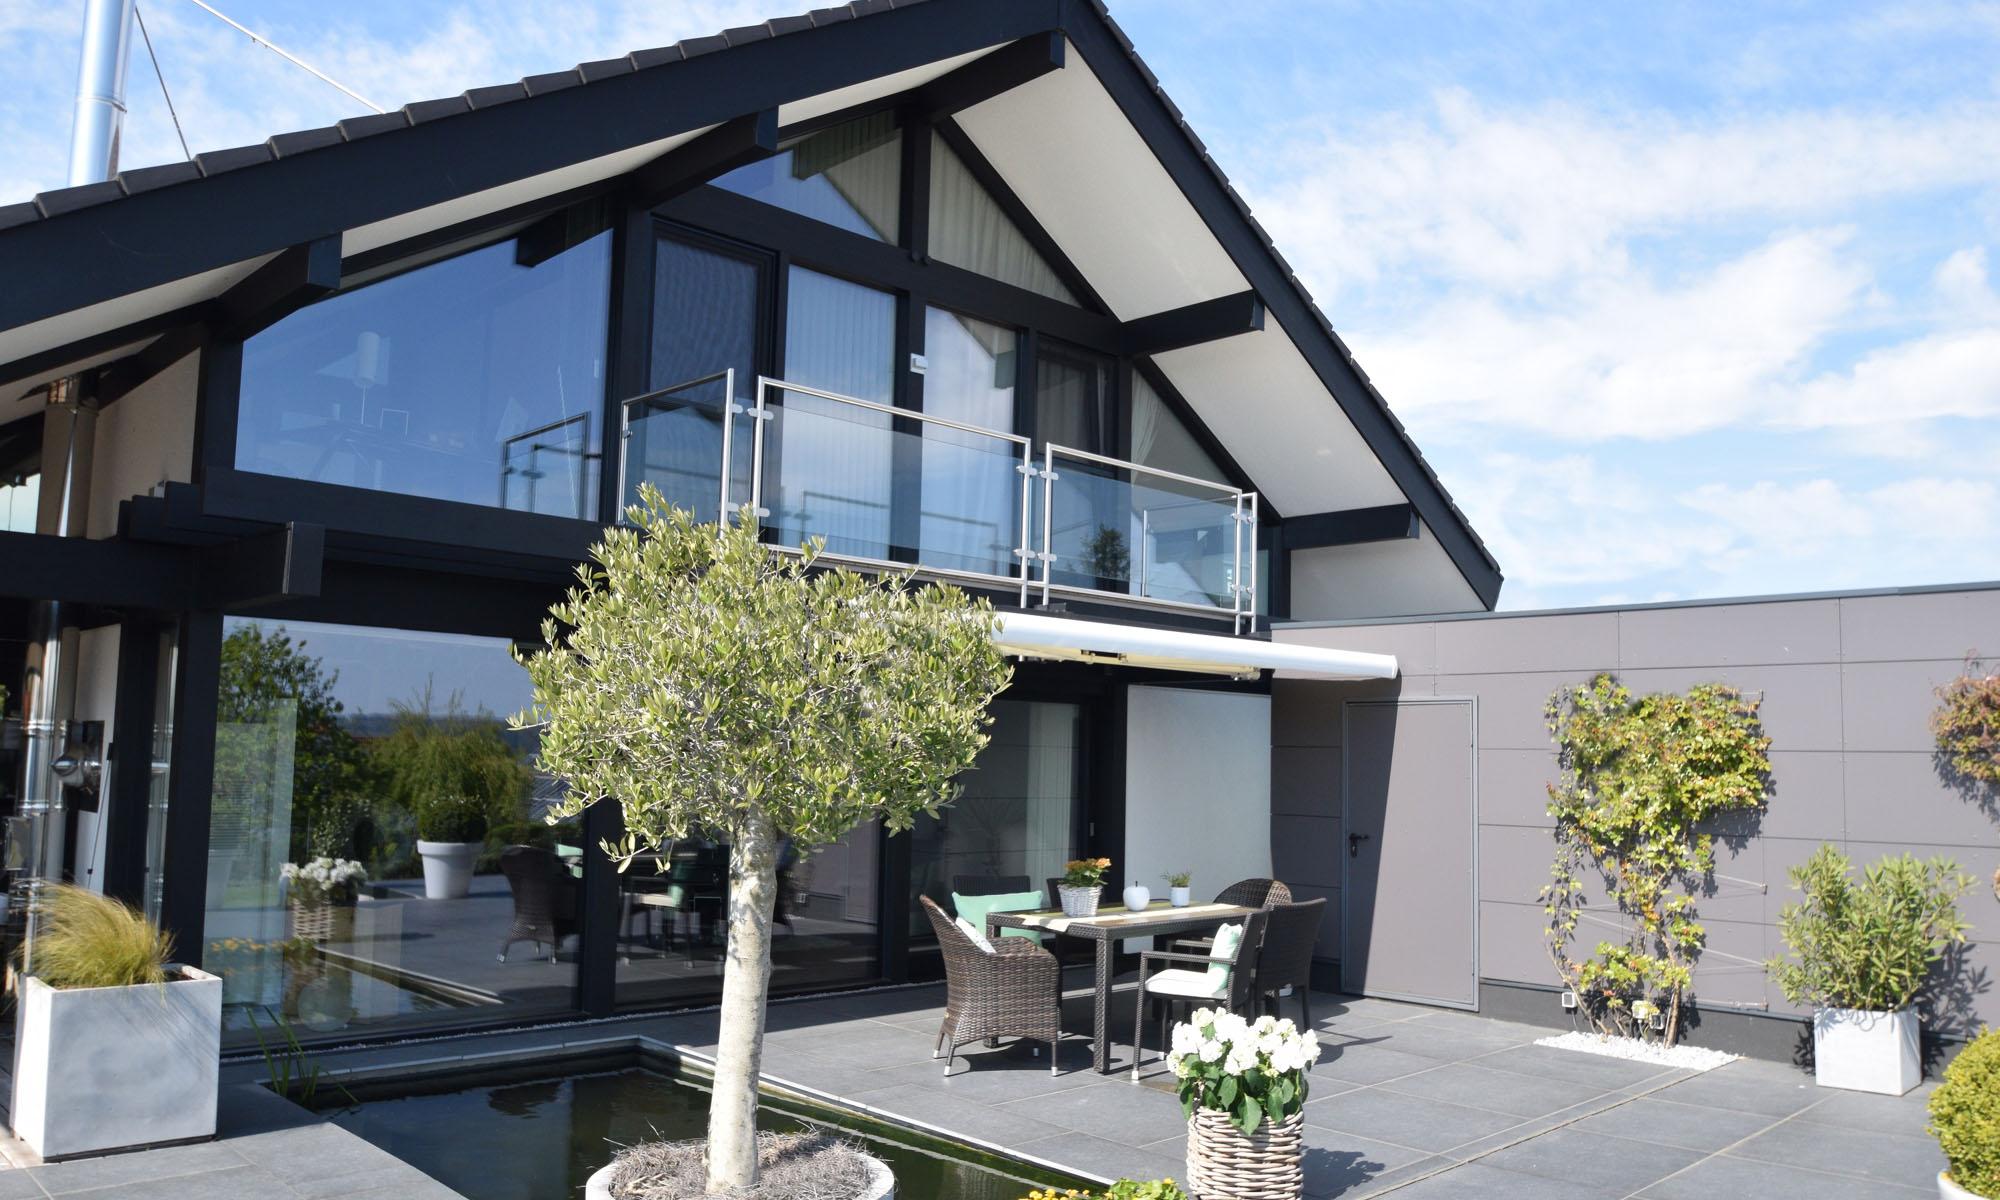 Da Vinci Haus Terrasse mit Teich